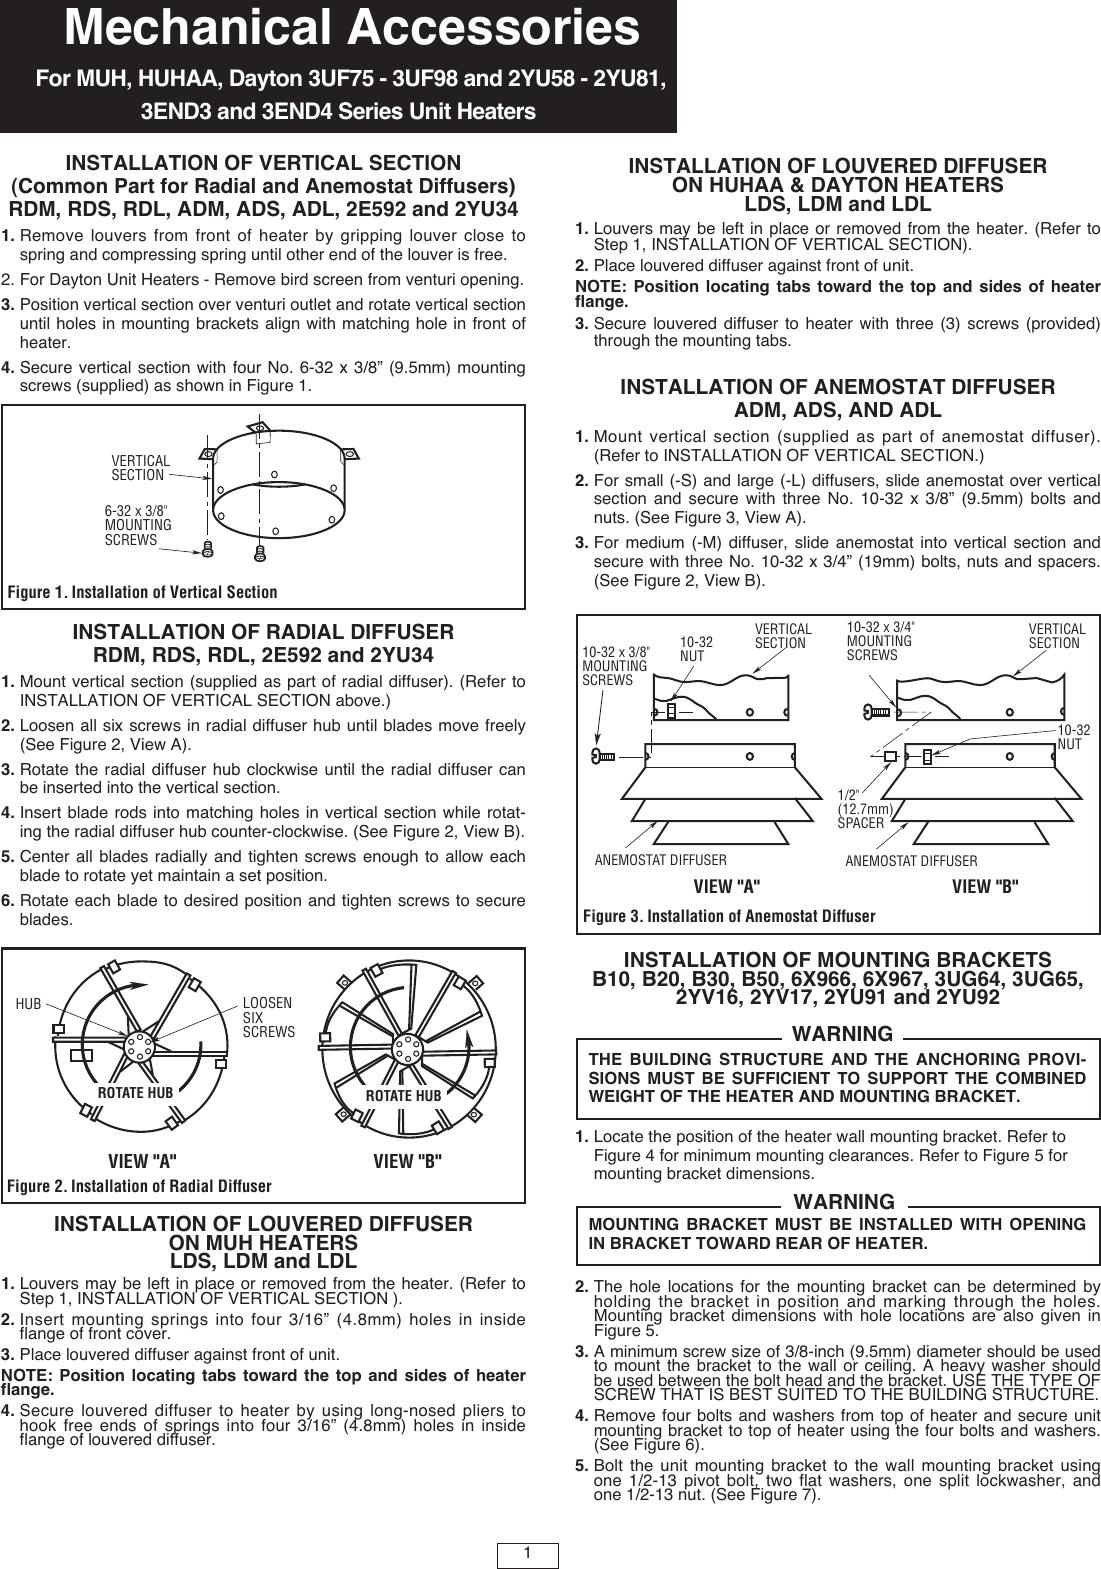 Dayton Unit Heater Wiring Diagram 3uf98 - wiring diagrams schematics